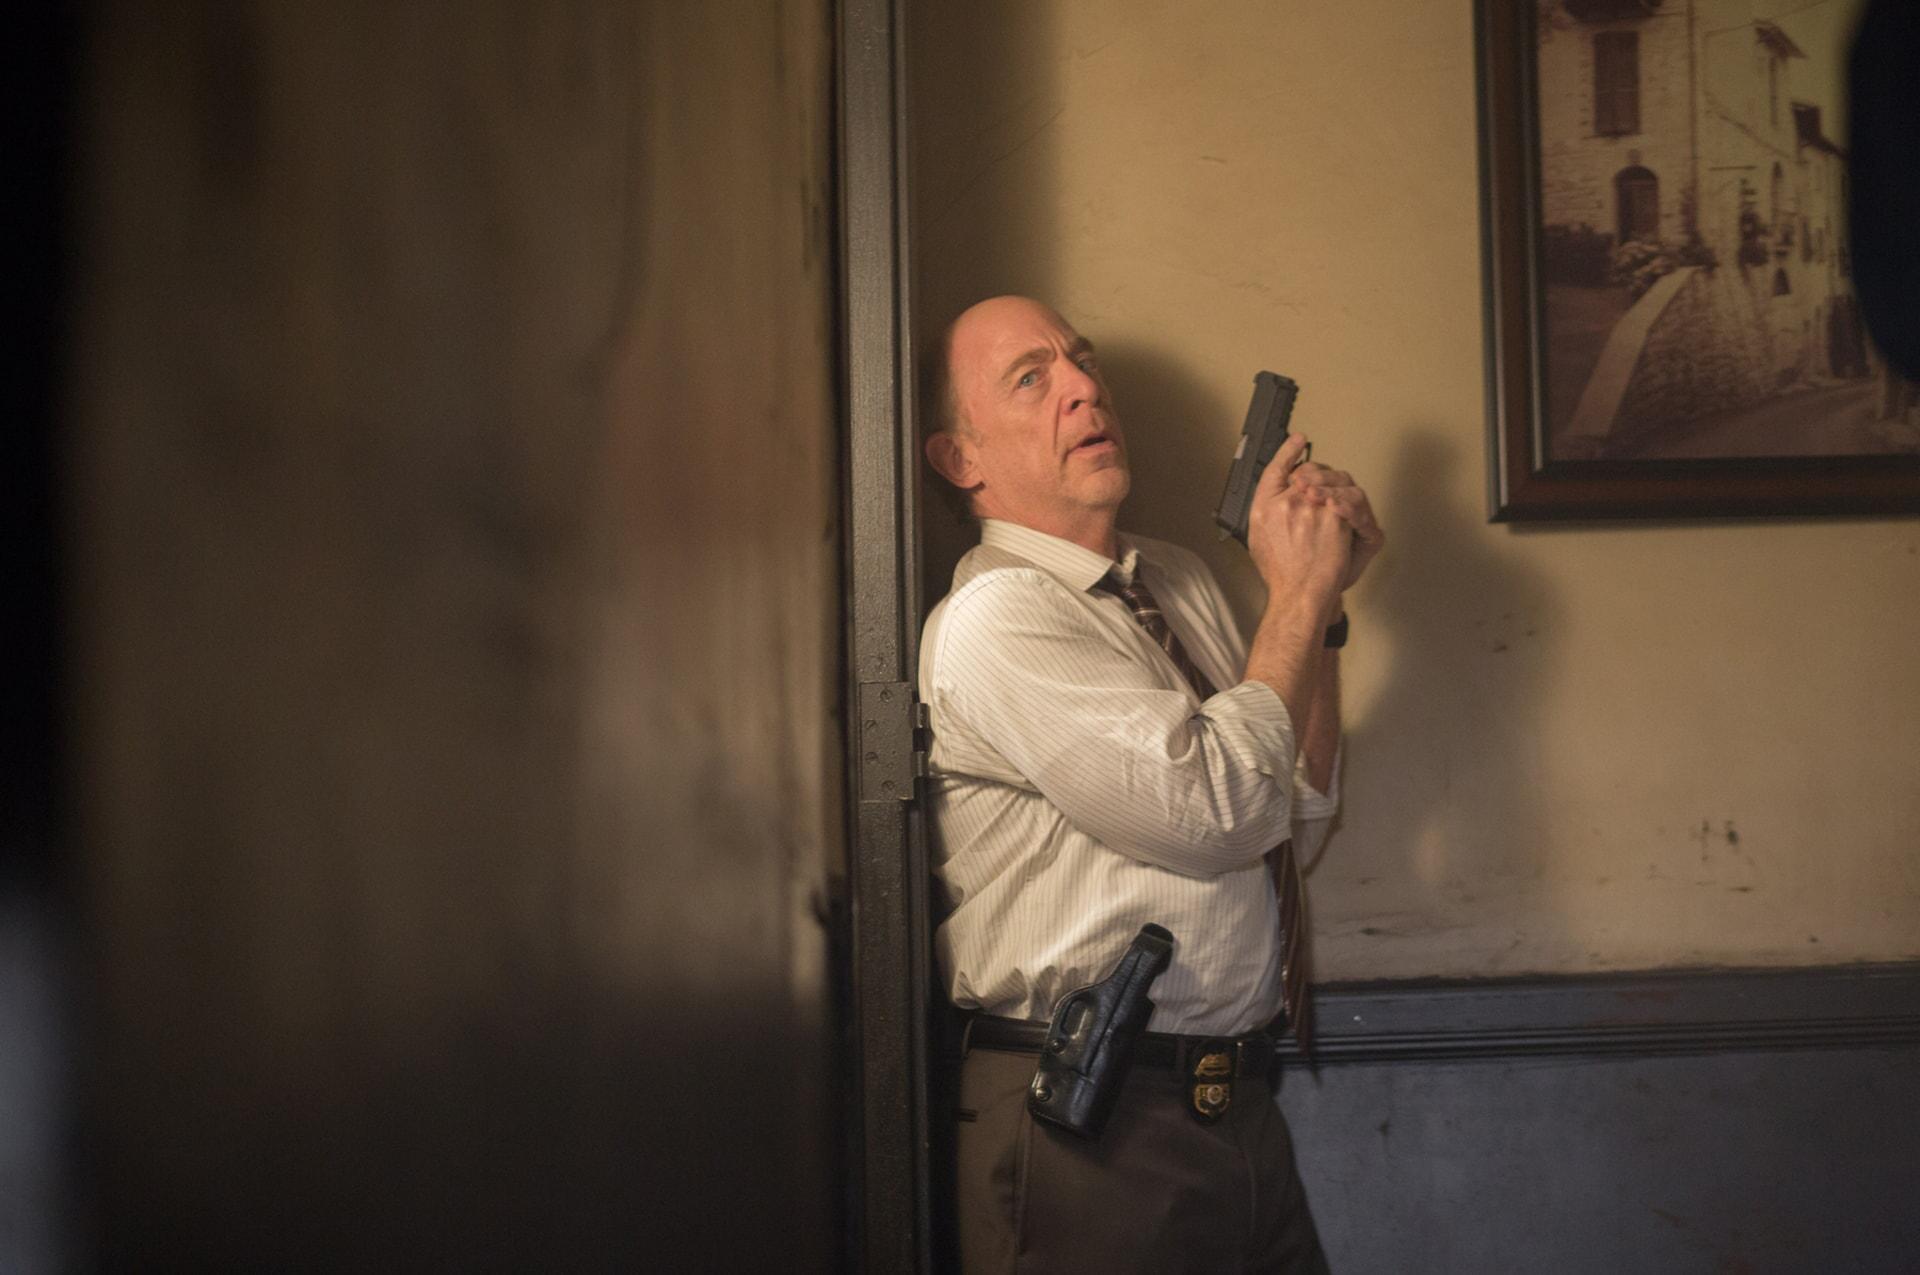 """J.K. SIMMONS as Ray King in Warner Bros. Pictures' """"THE ACCOUNTANT,"""" a Warner Bros. Pictures release."""